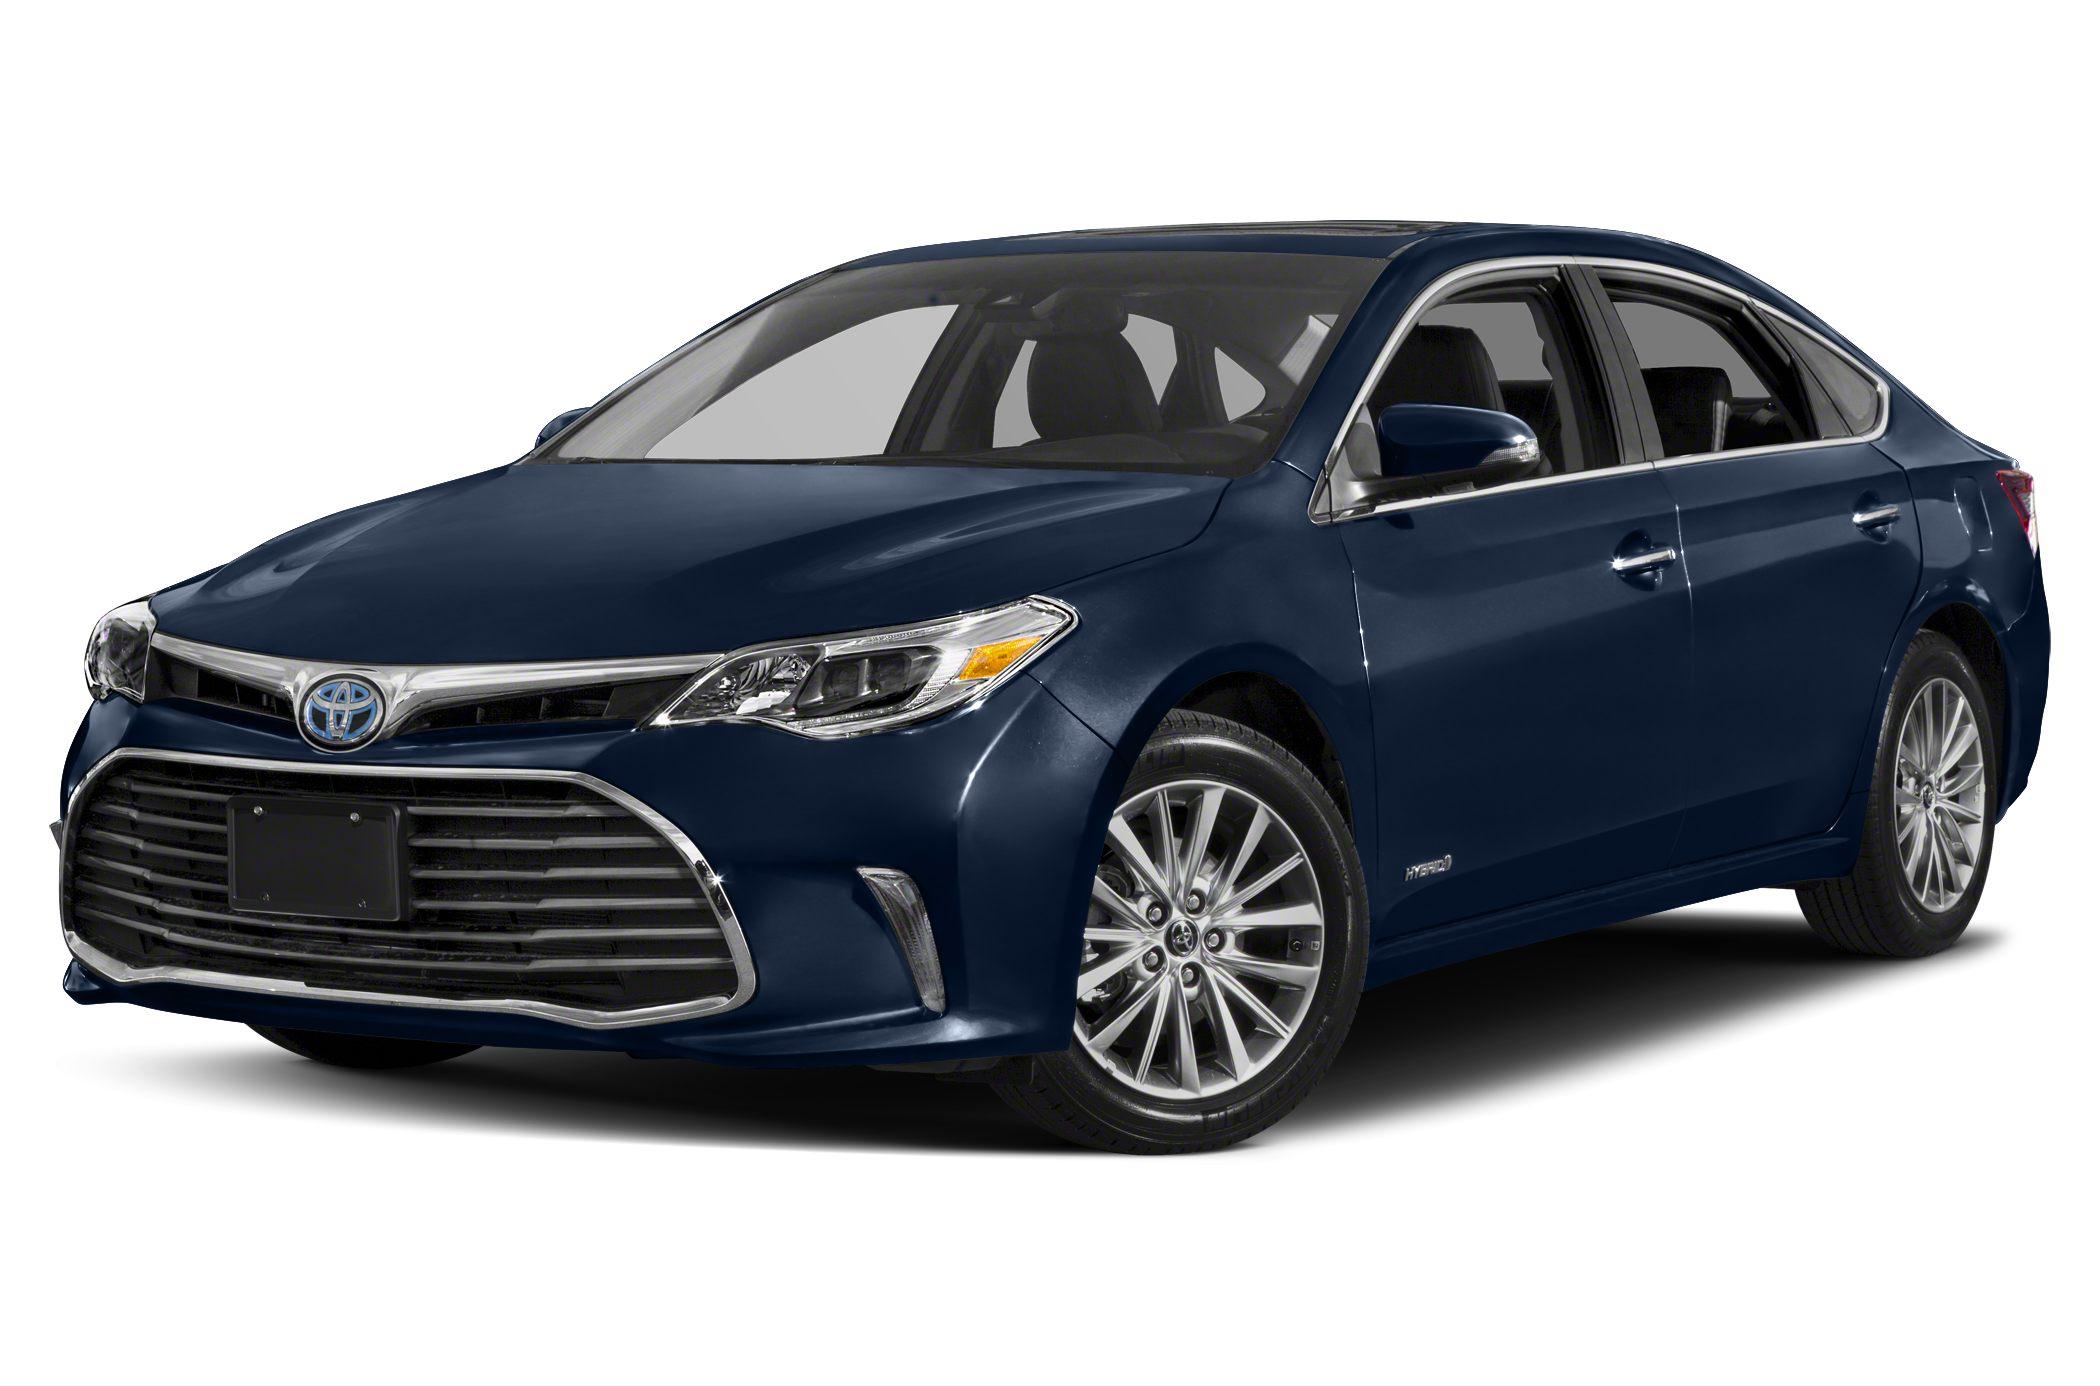 Limited 4dr Sedan 2017 Toyota Avalon Hybrid Photos